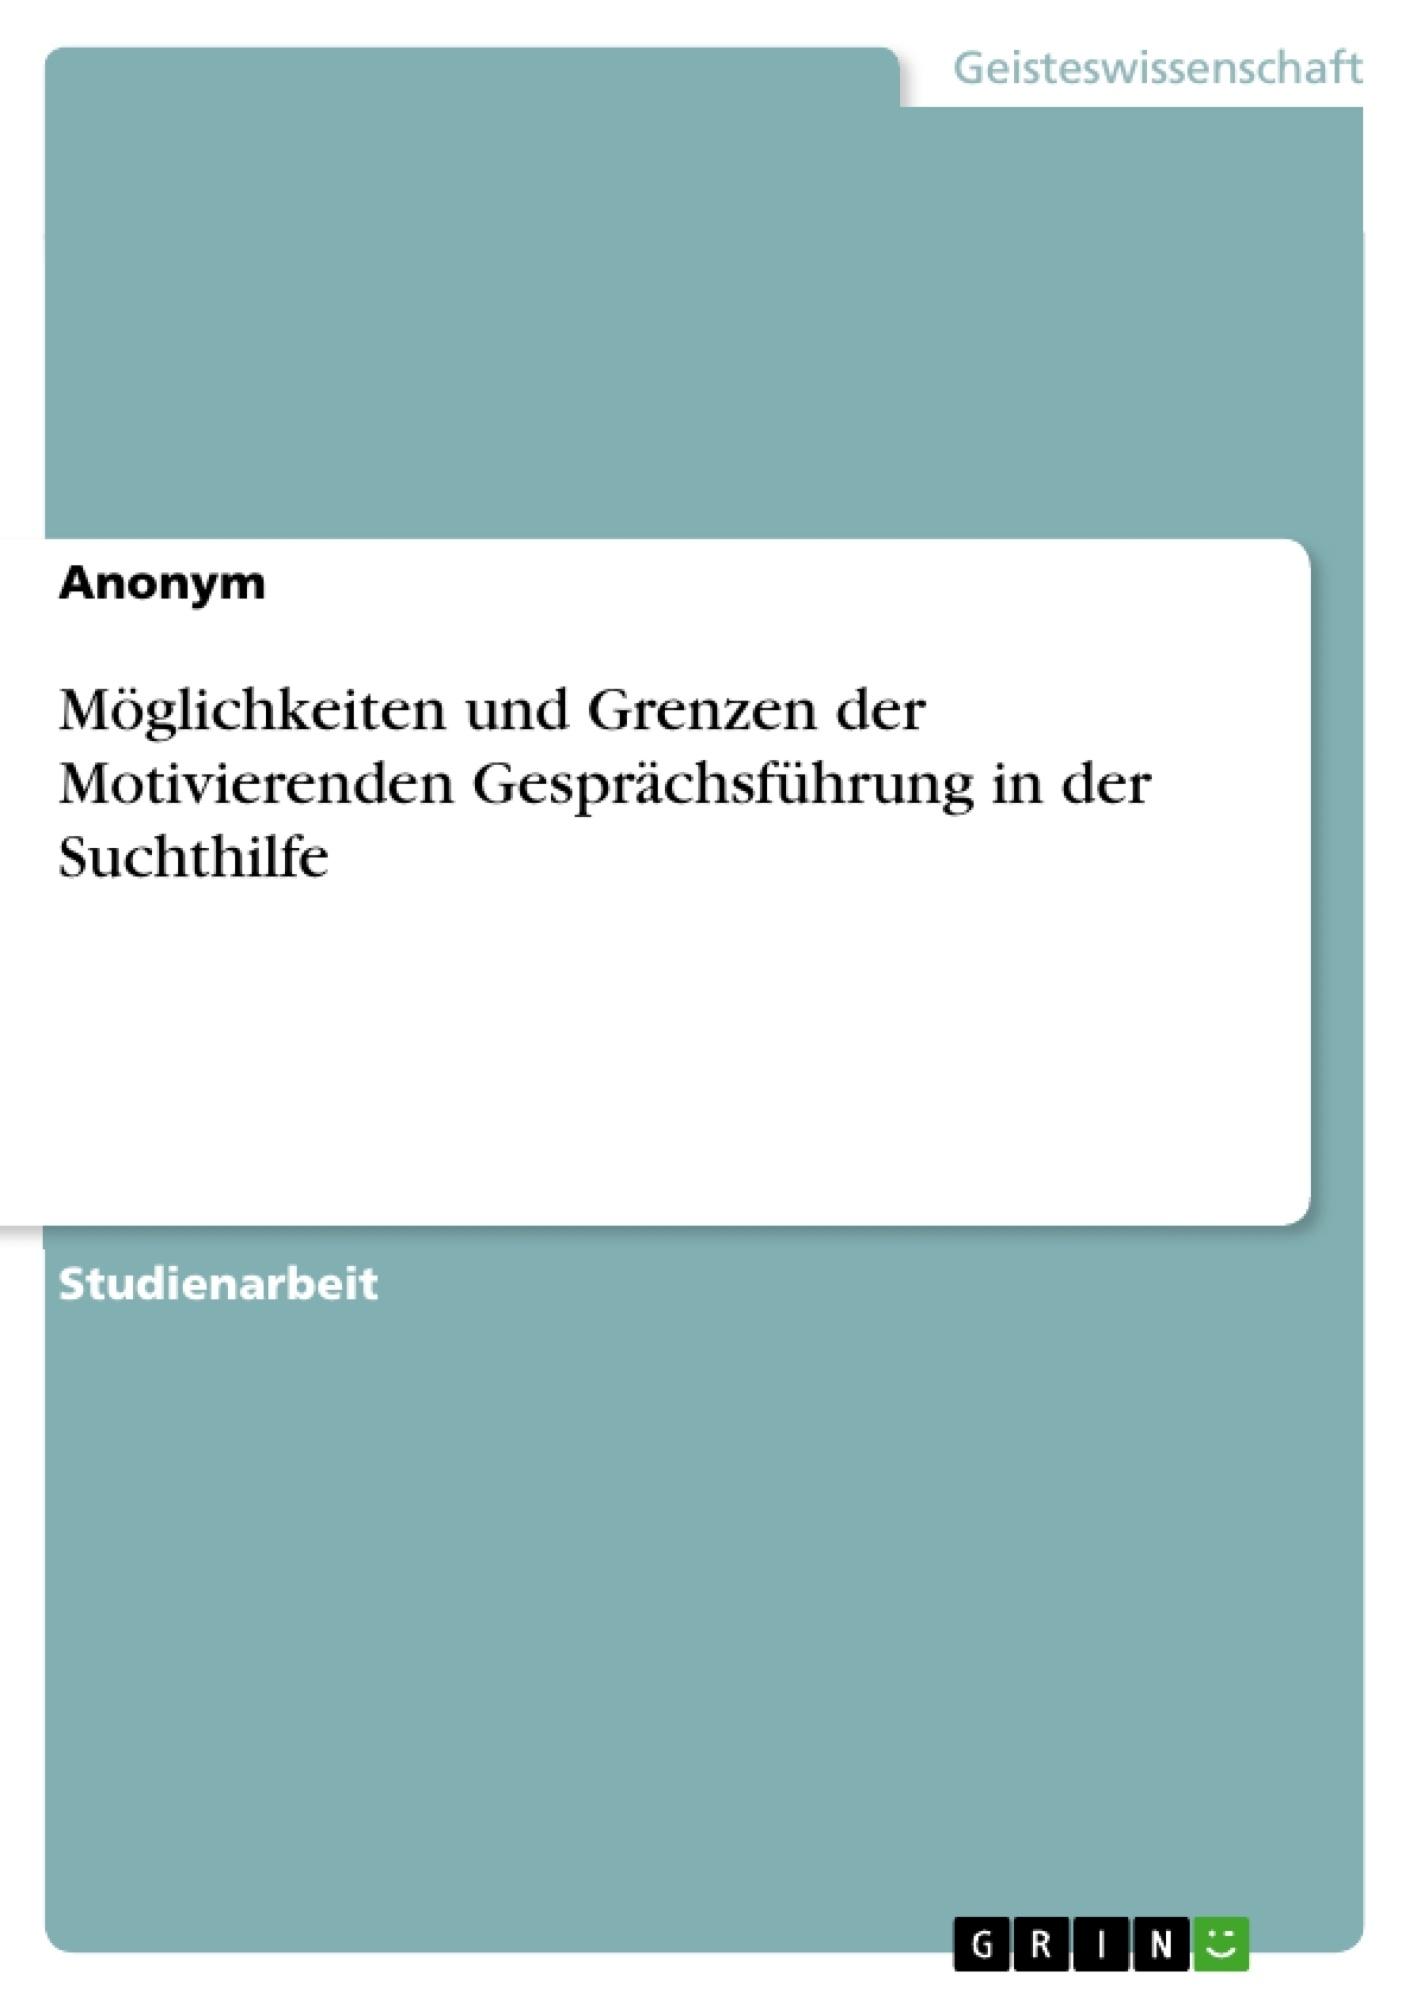 Titel: Möglichkeiten und Grenzen der Motivierenden Gesprächsführung in der Suchthilfe